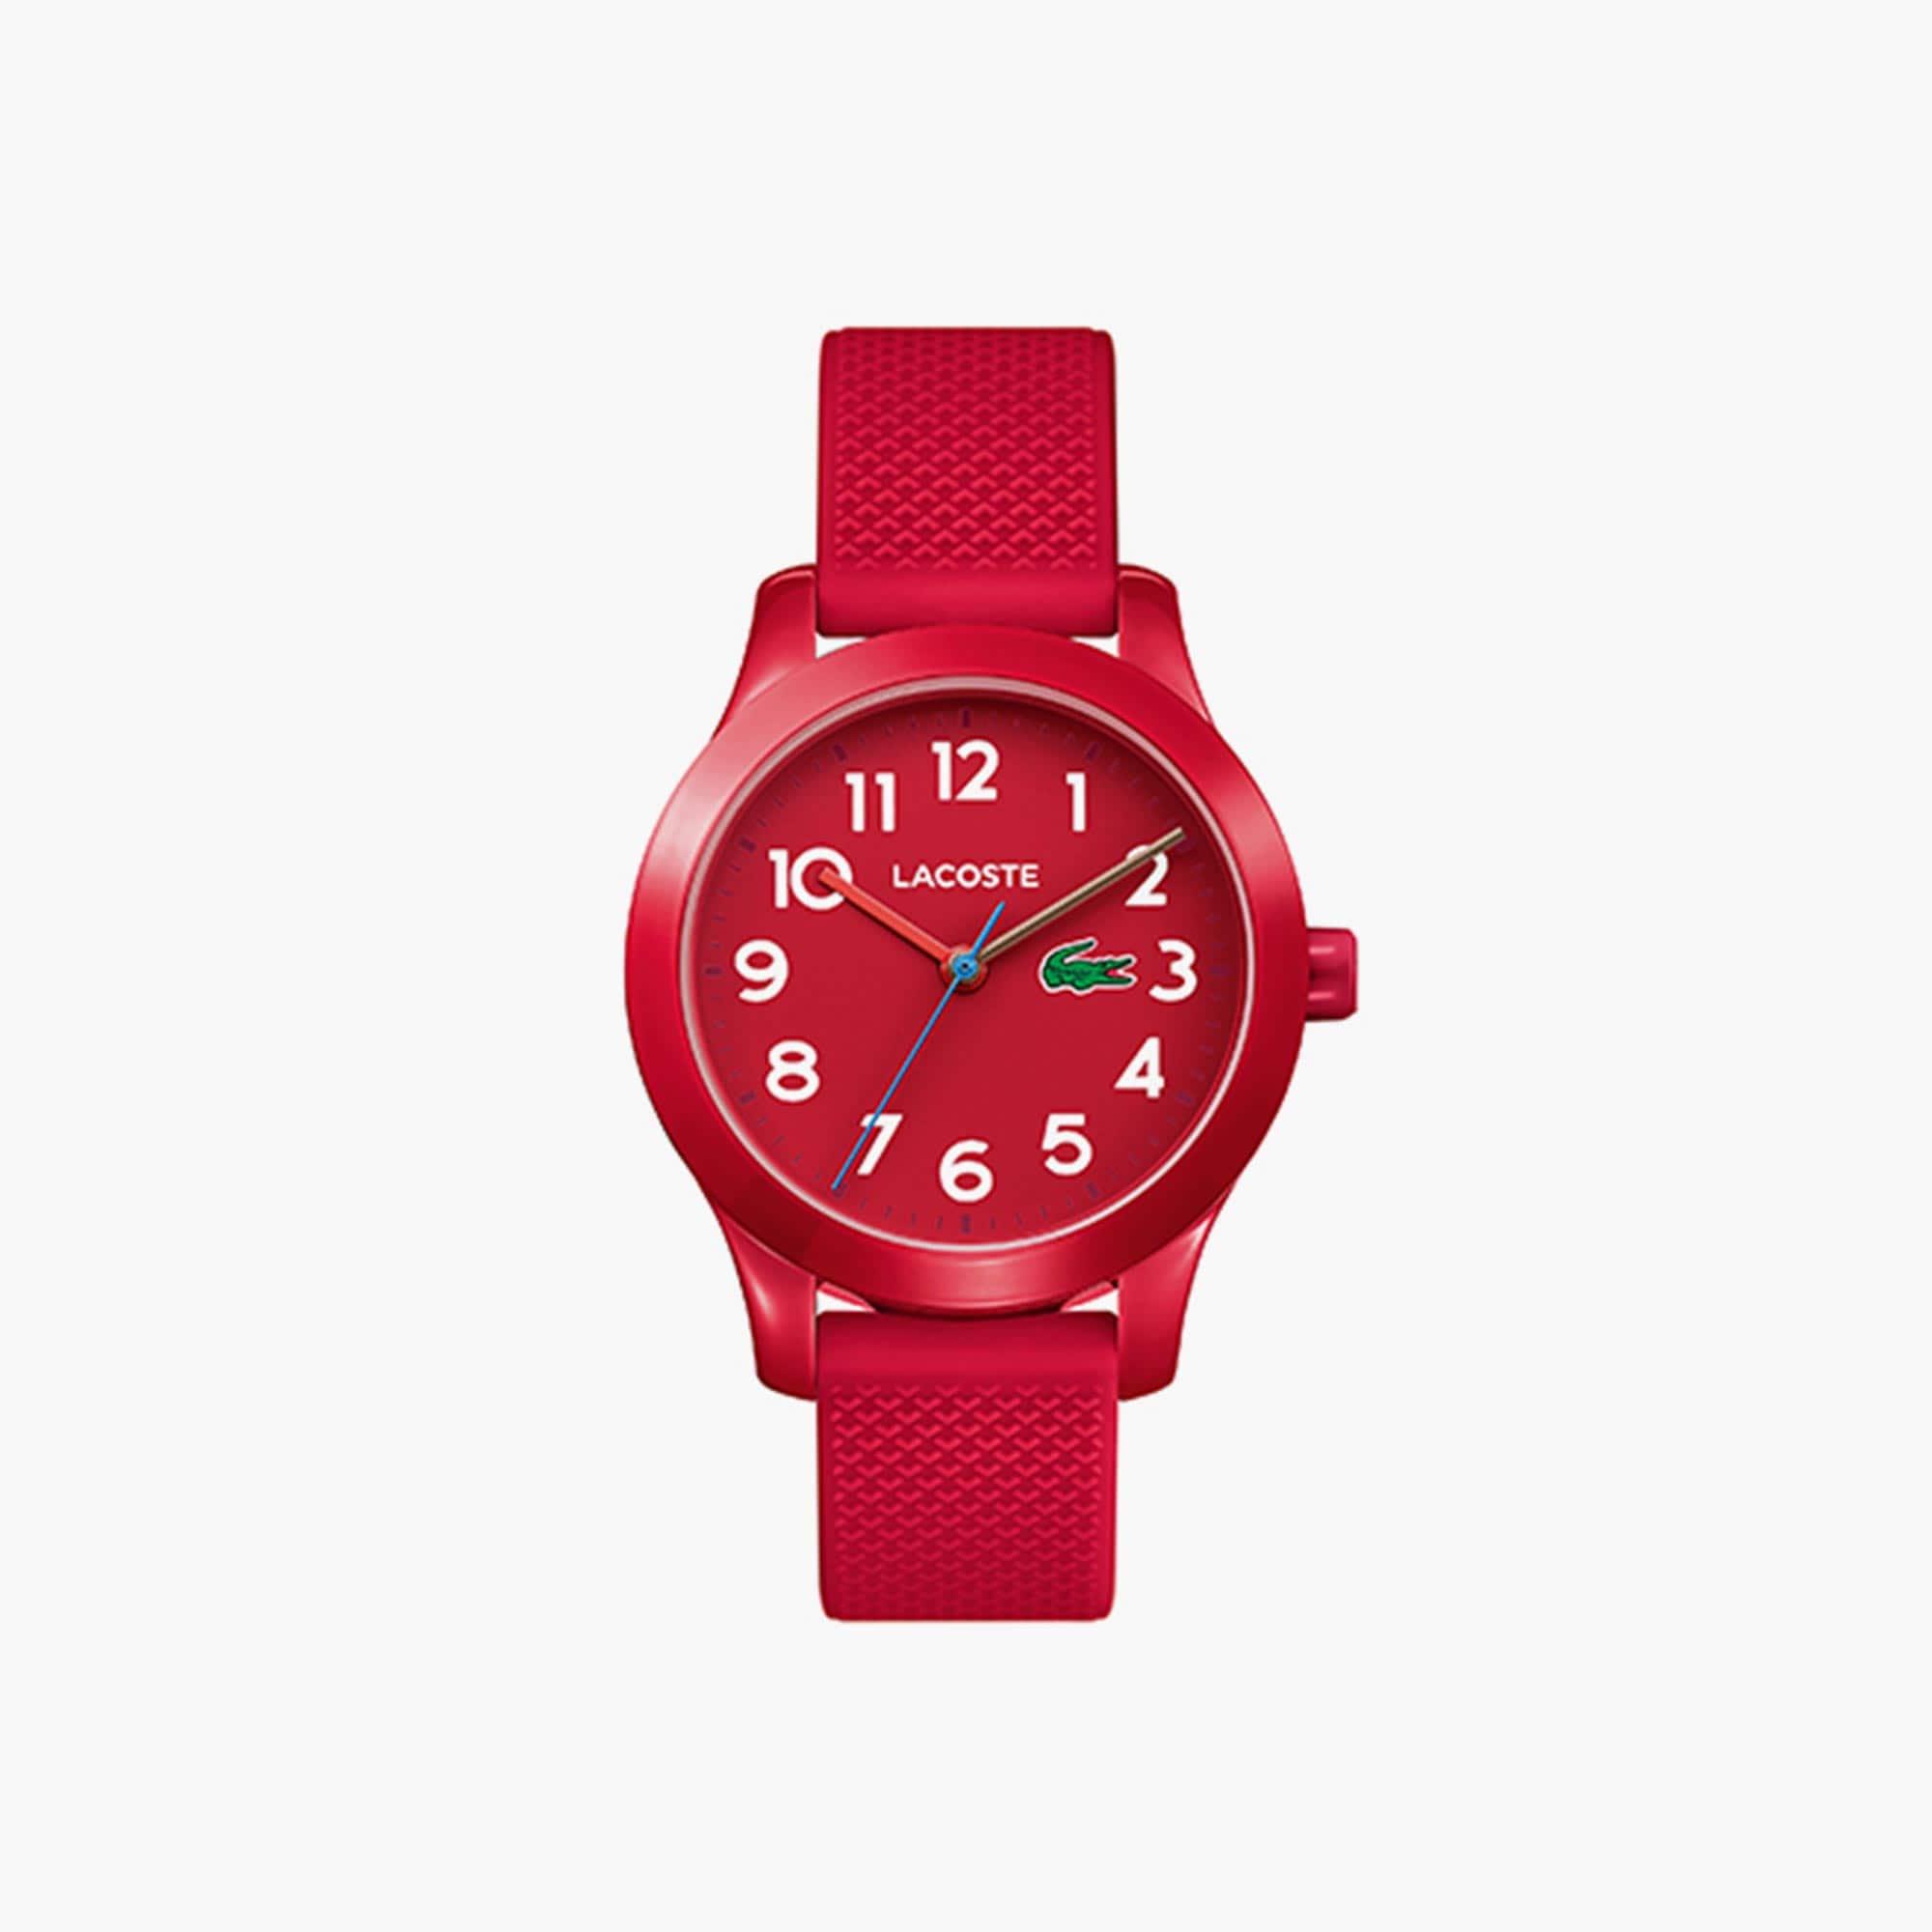 Relógio Lacoste 12.12 Criança com Bracelete em Silicone Vermelho